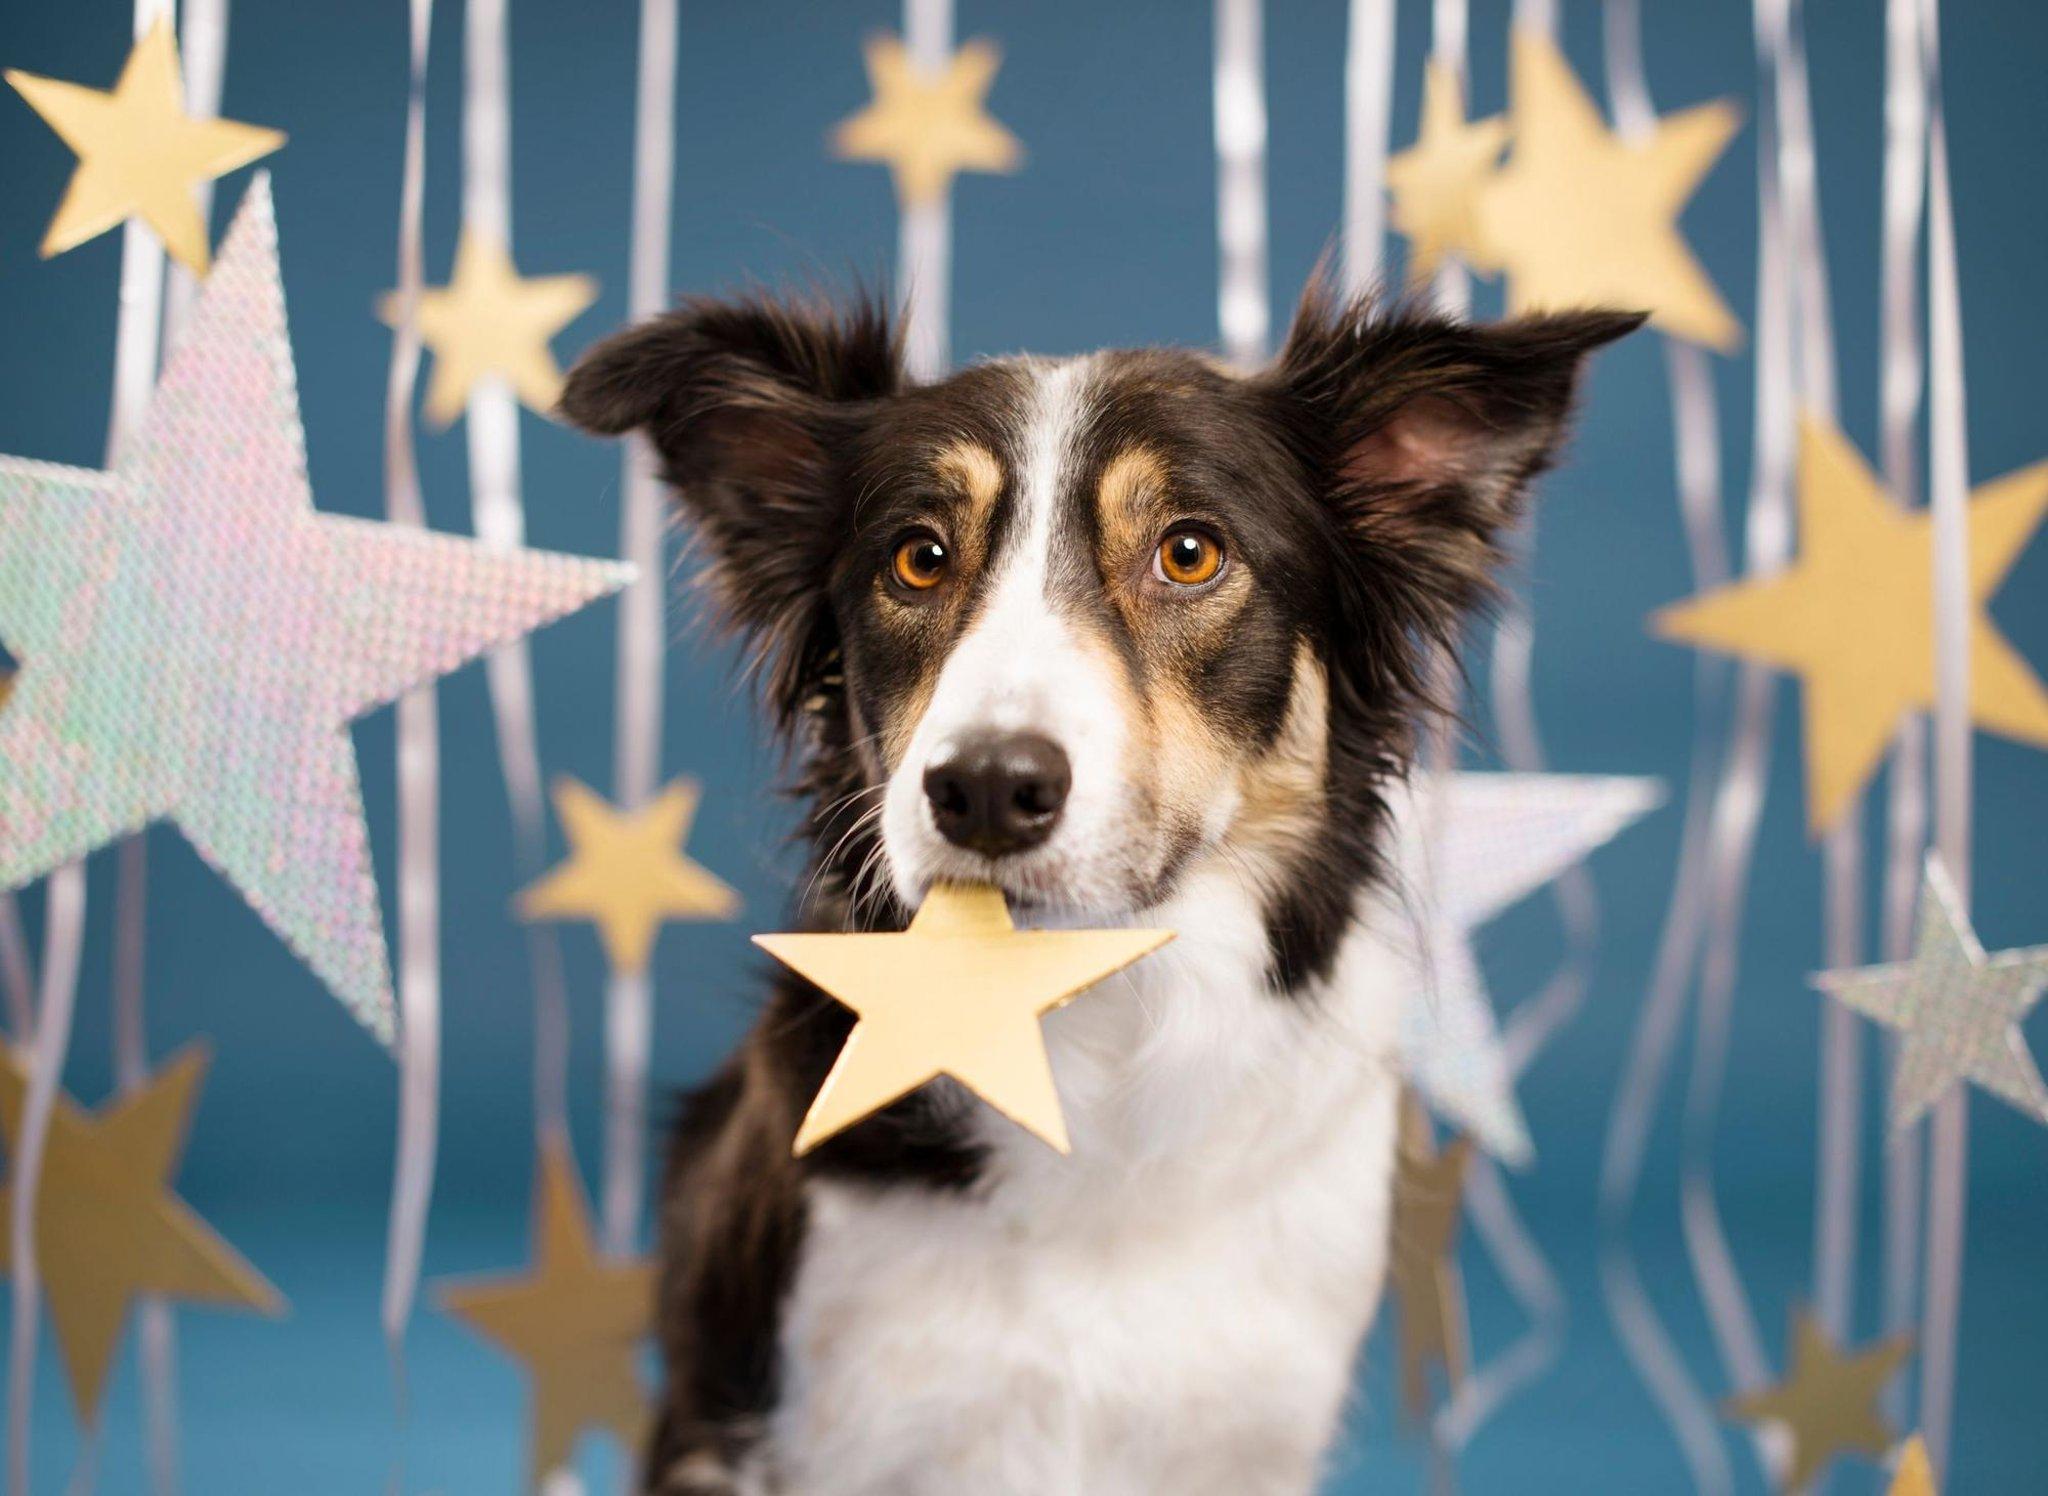 Astrologi anjing: Apa yang dikatakan tanda bintang anjing Anda yang menggemaskan tentang kepribadiannya dan apakah kecocokan Anda tertulis di bintang-bintang?